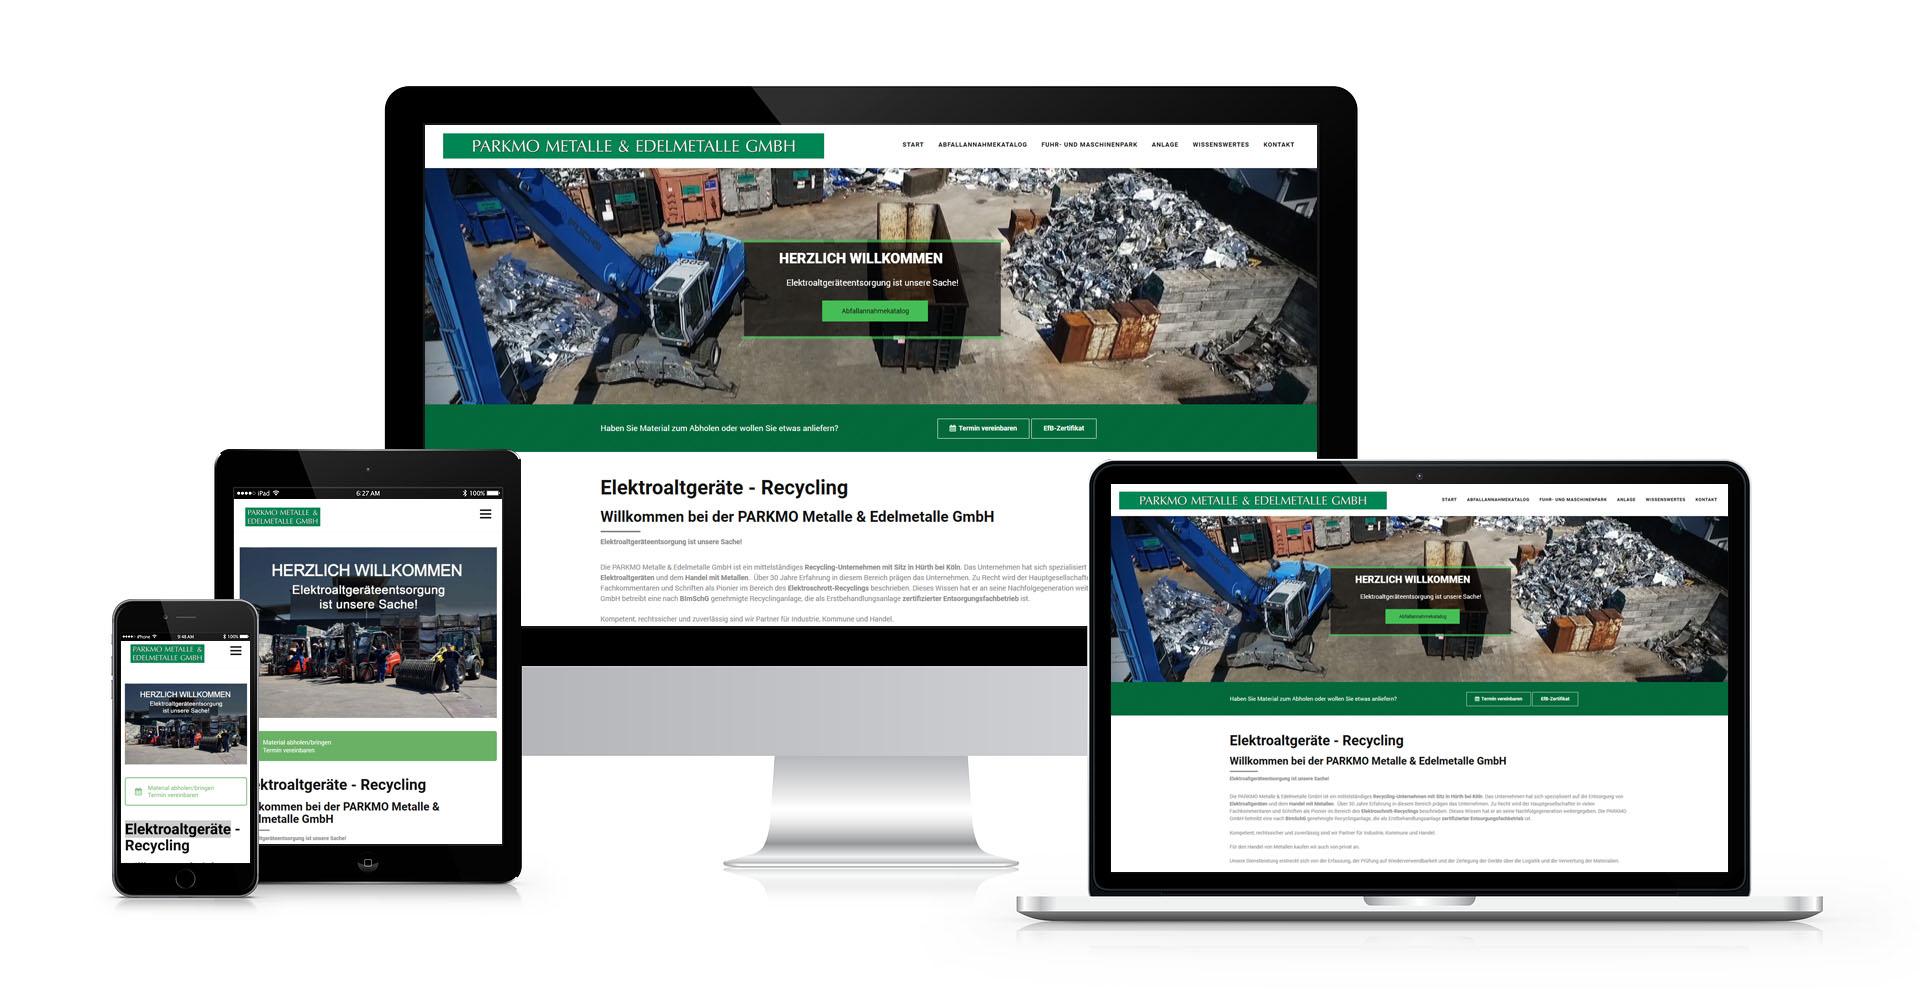 Referenzen: PARKMO Metalle & Edelmetalle GmbH